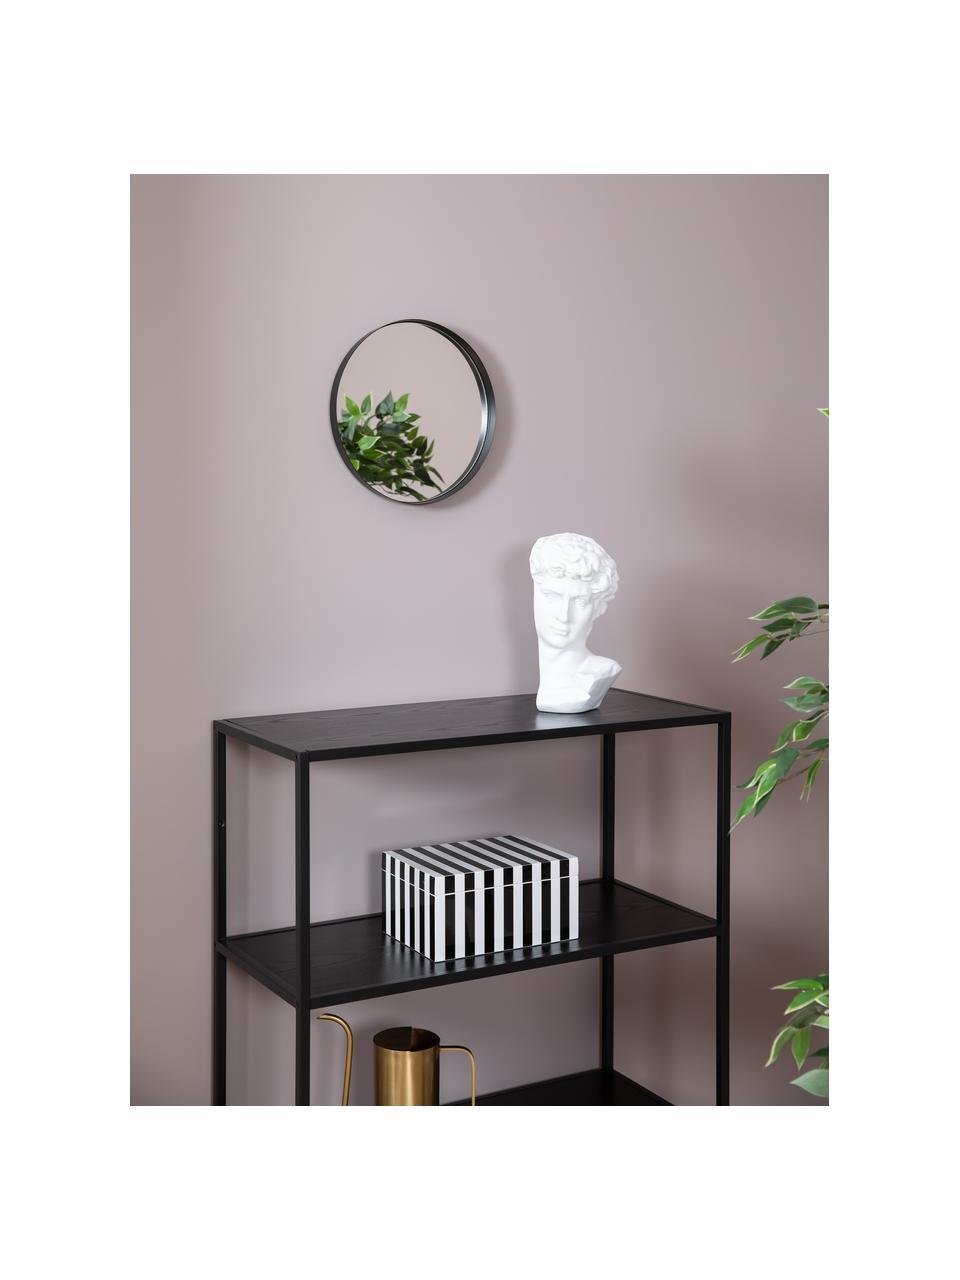 Wandspiegel Metal mit schwarzem Rahmen, Rahmen: Metall, lackiert mit gewo, Rahmen: Schwarz Spiegelglas, Ø 30 cm